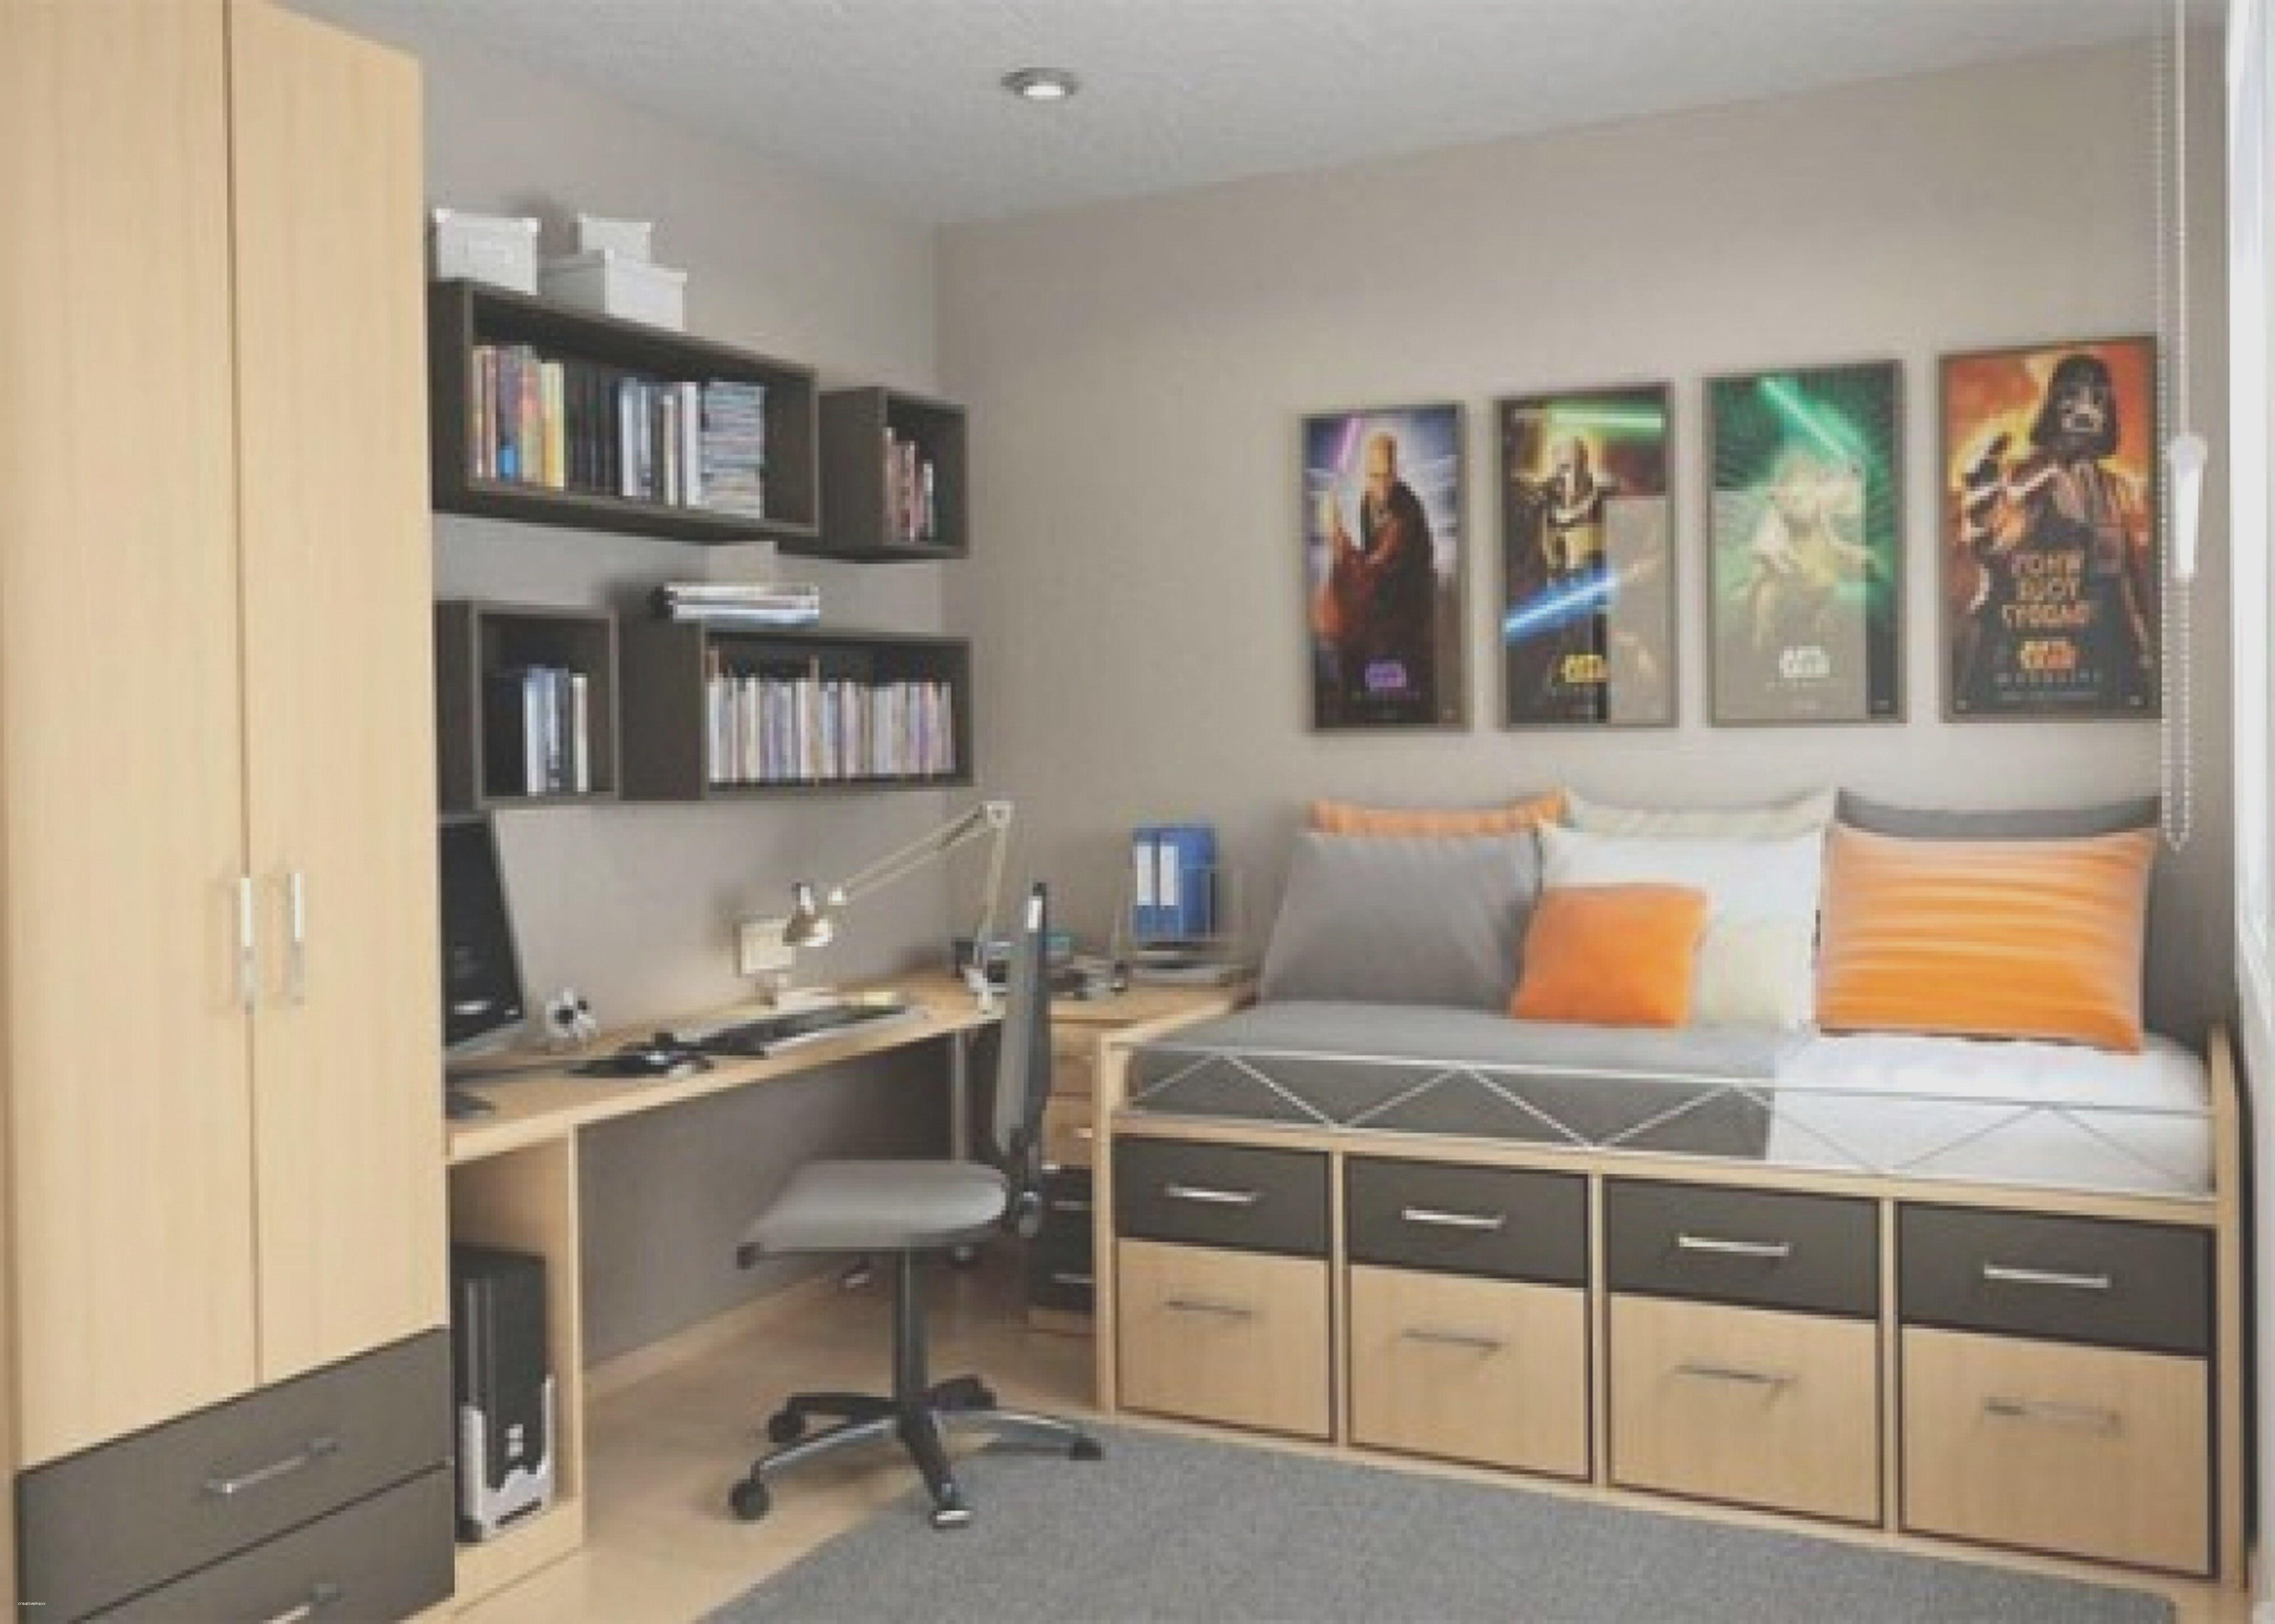 luxury hobby room decorating ideas with 23 hd photos home decor rh pinterest com rc hobby room ideas hobby room design ideas